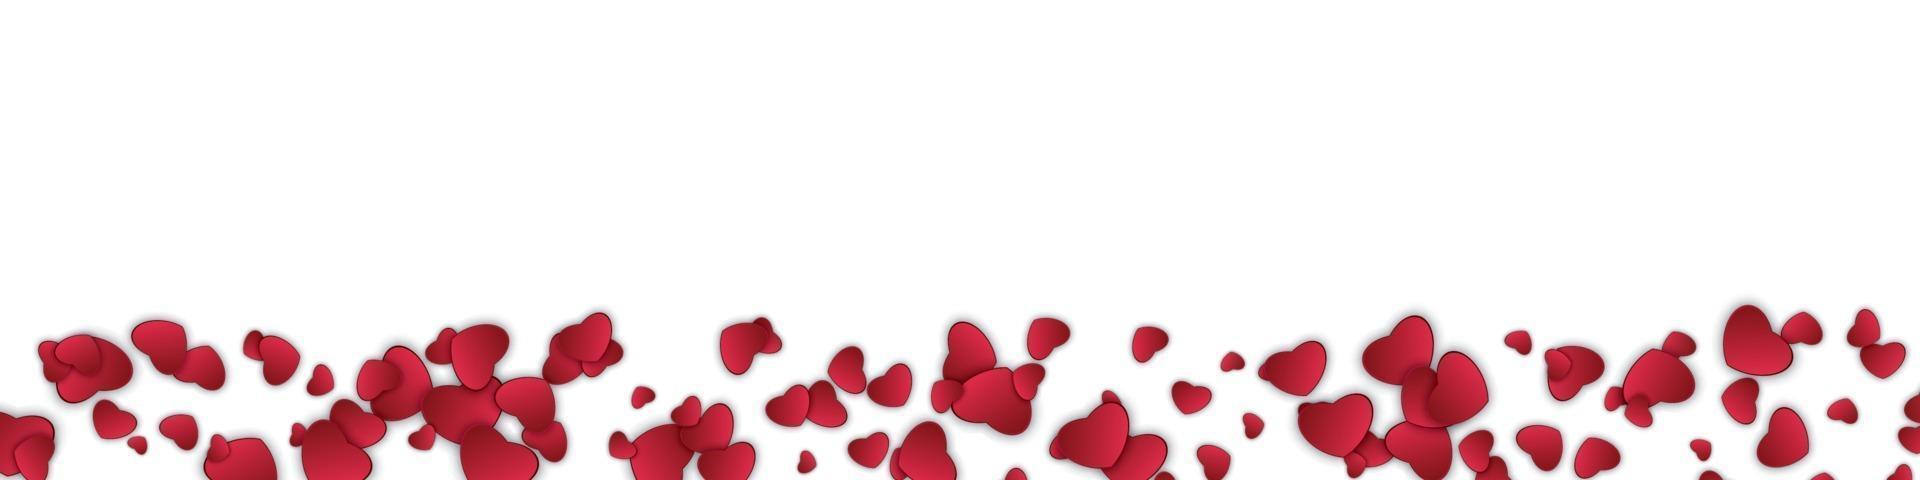 feliz dia dos namorados banner. arte em papel, amor e casamento. fundo branco isolado do coração de papel vermelho. ilustração de desenho vetorial vetor